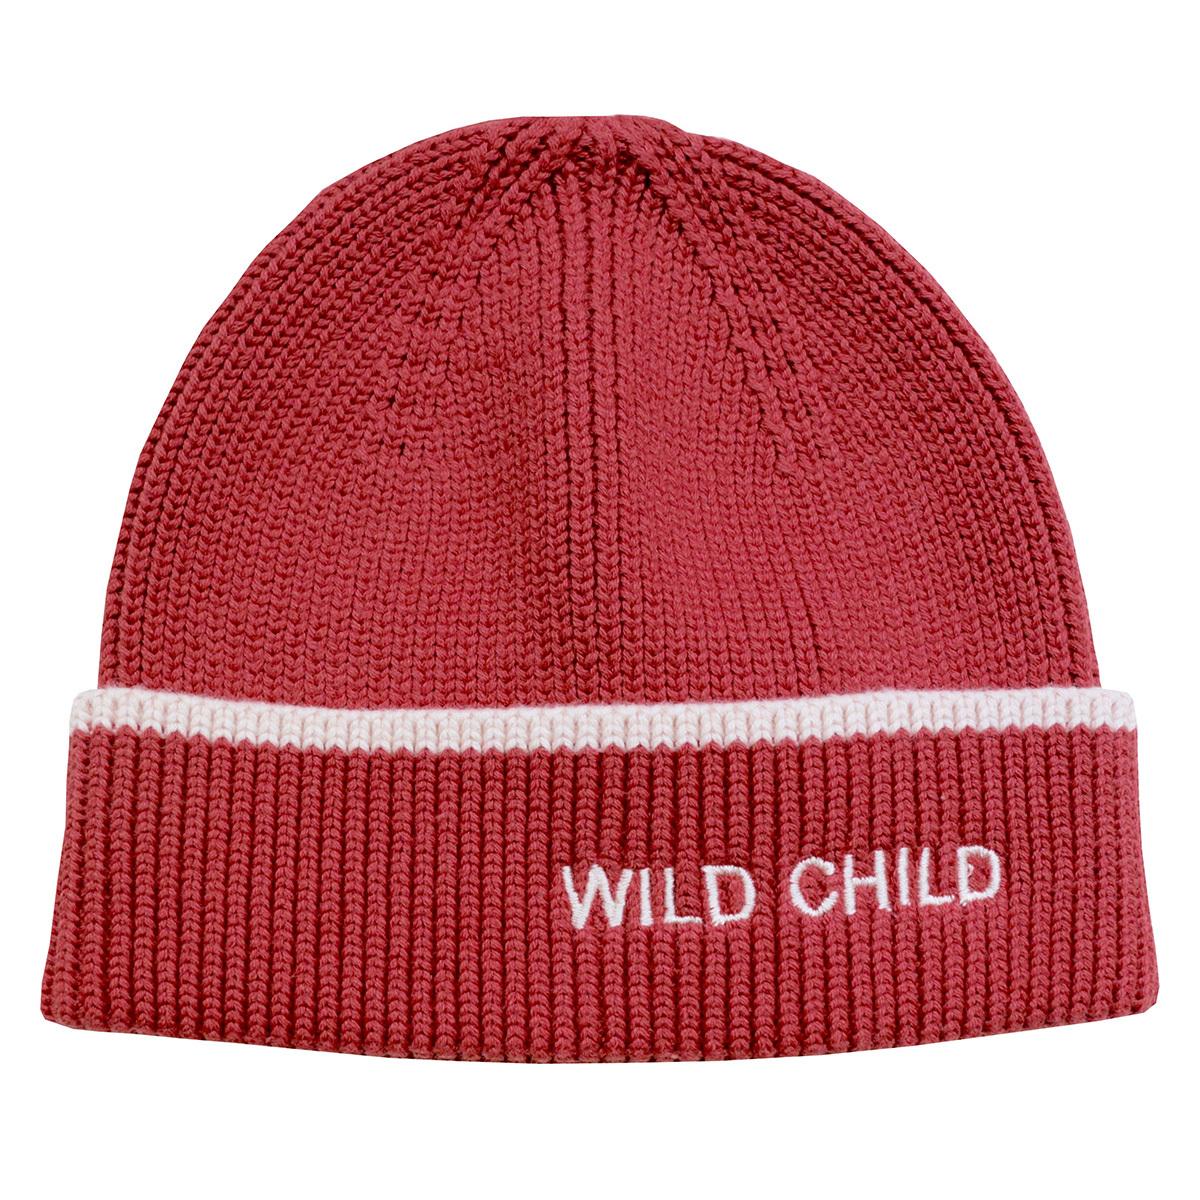 Accessoires bébé Bonnet Wild Child - 9/24 Mois Bonnet Wild Child - 9/24 Mois